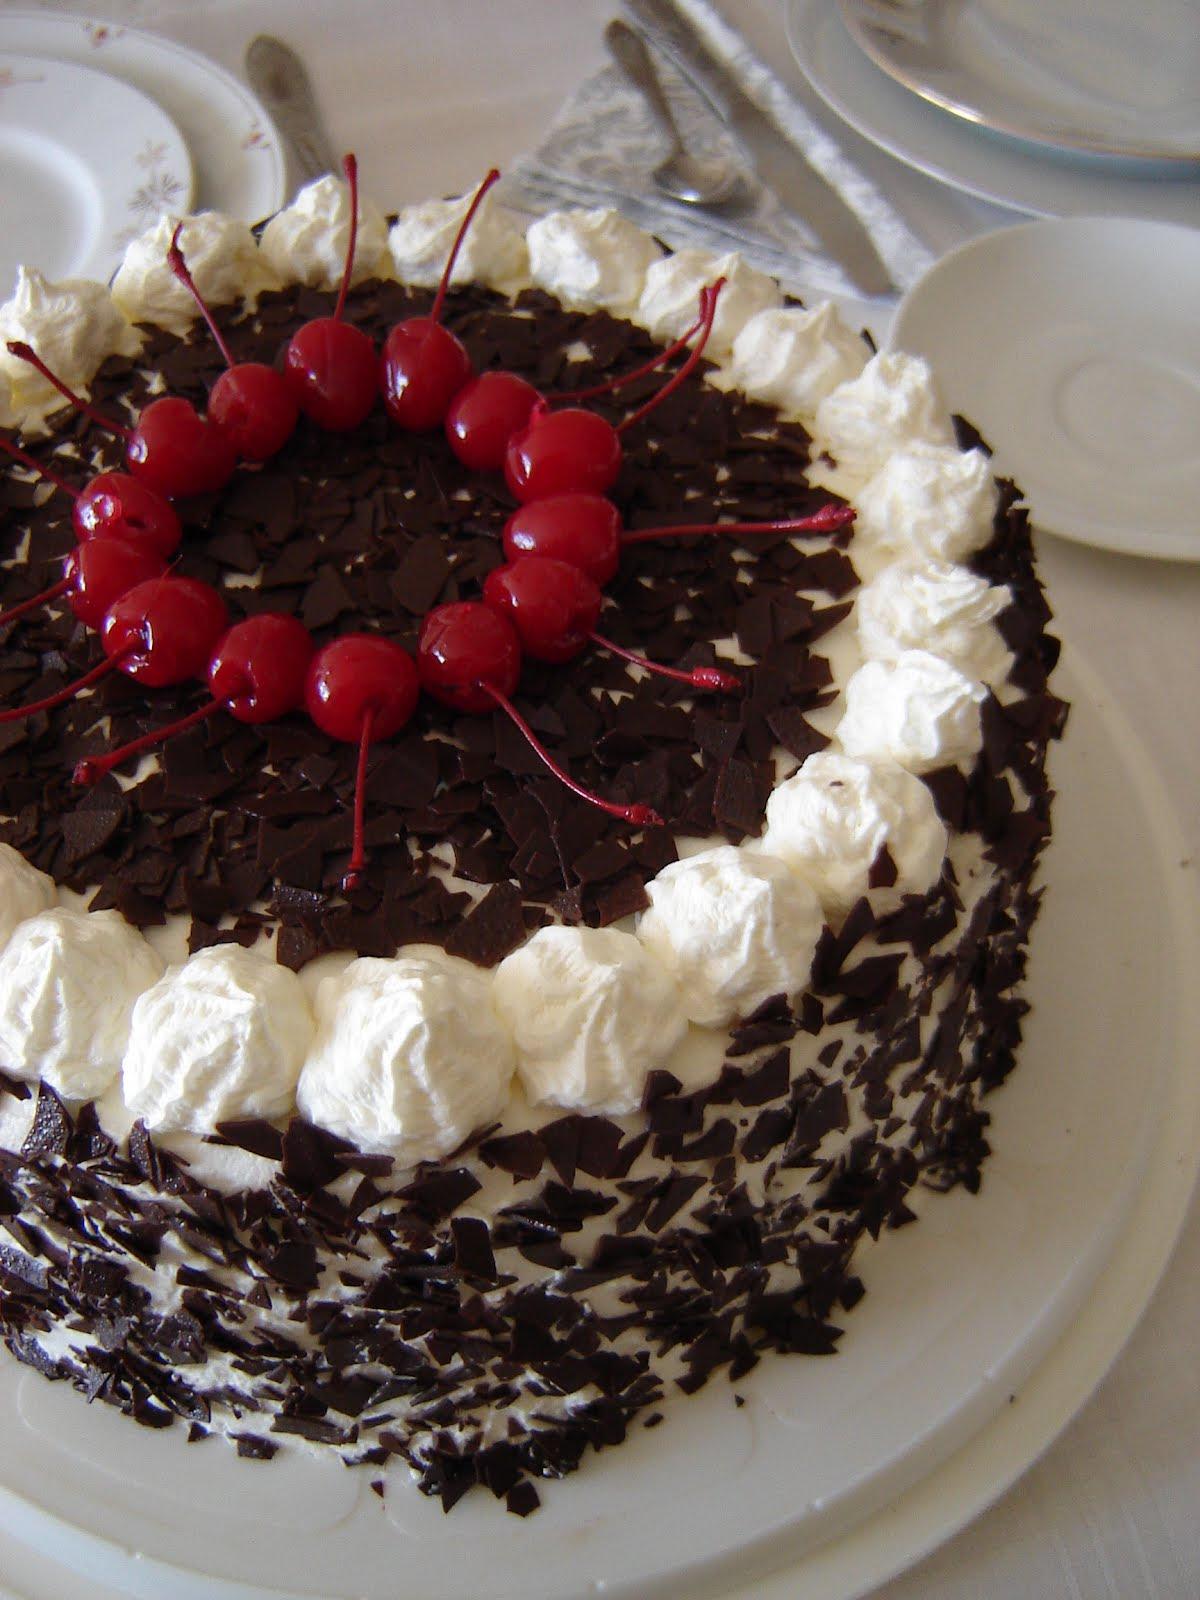 Germany - Schwarzwälder Kirschtorte / Black Forest Cake